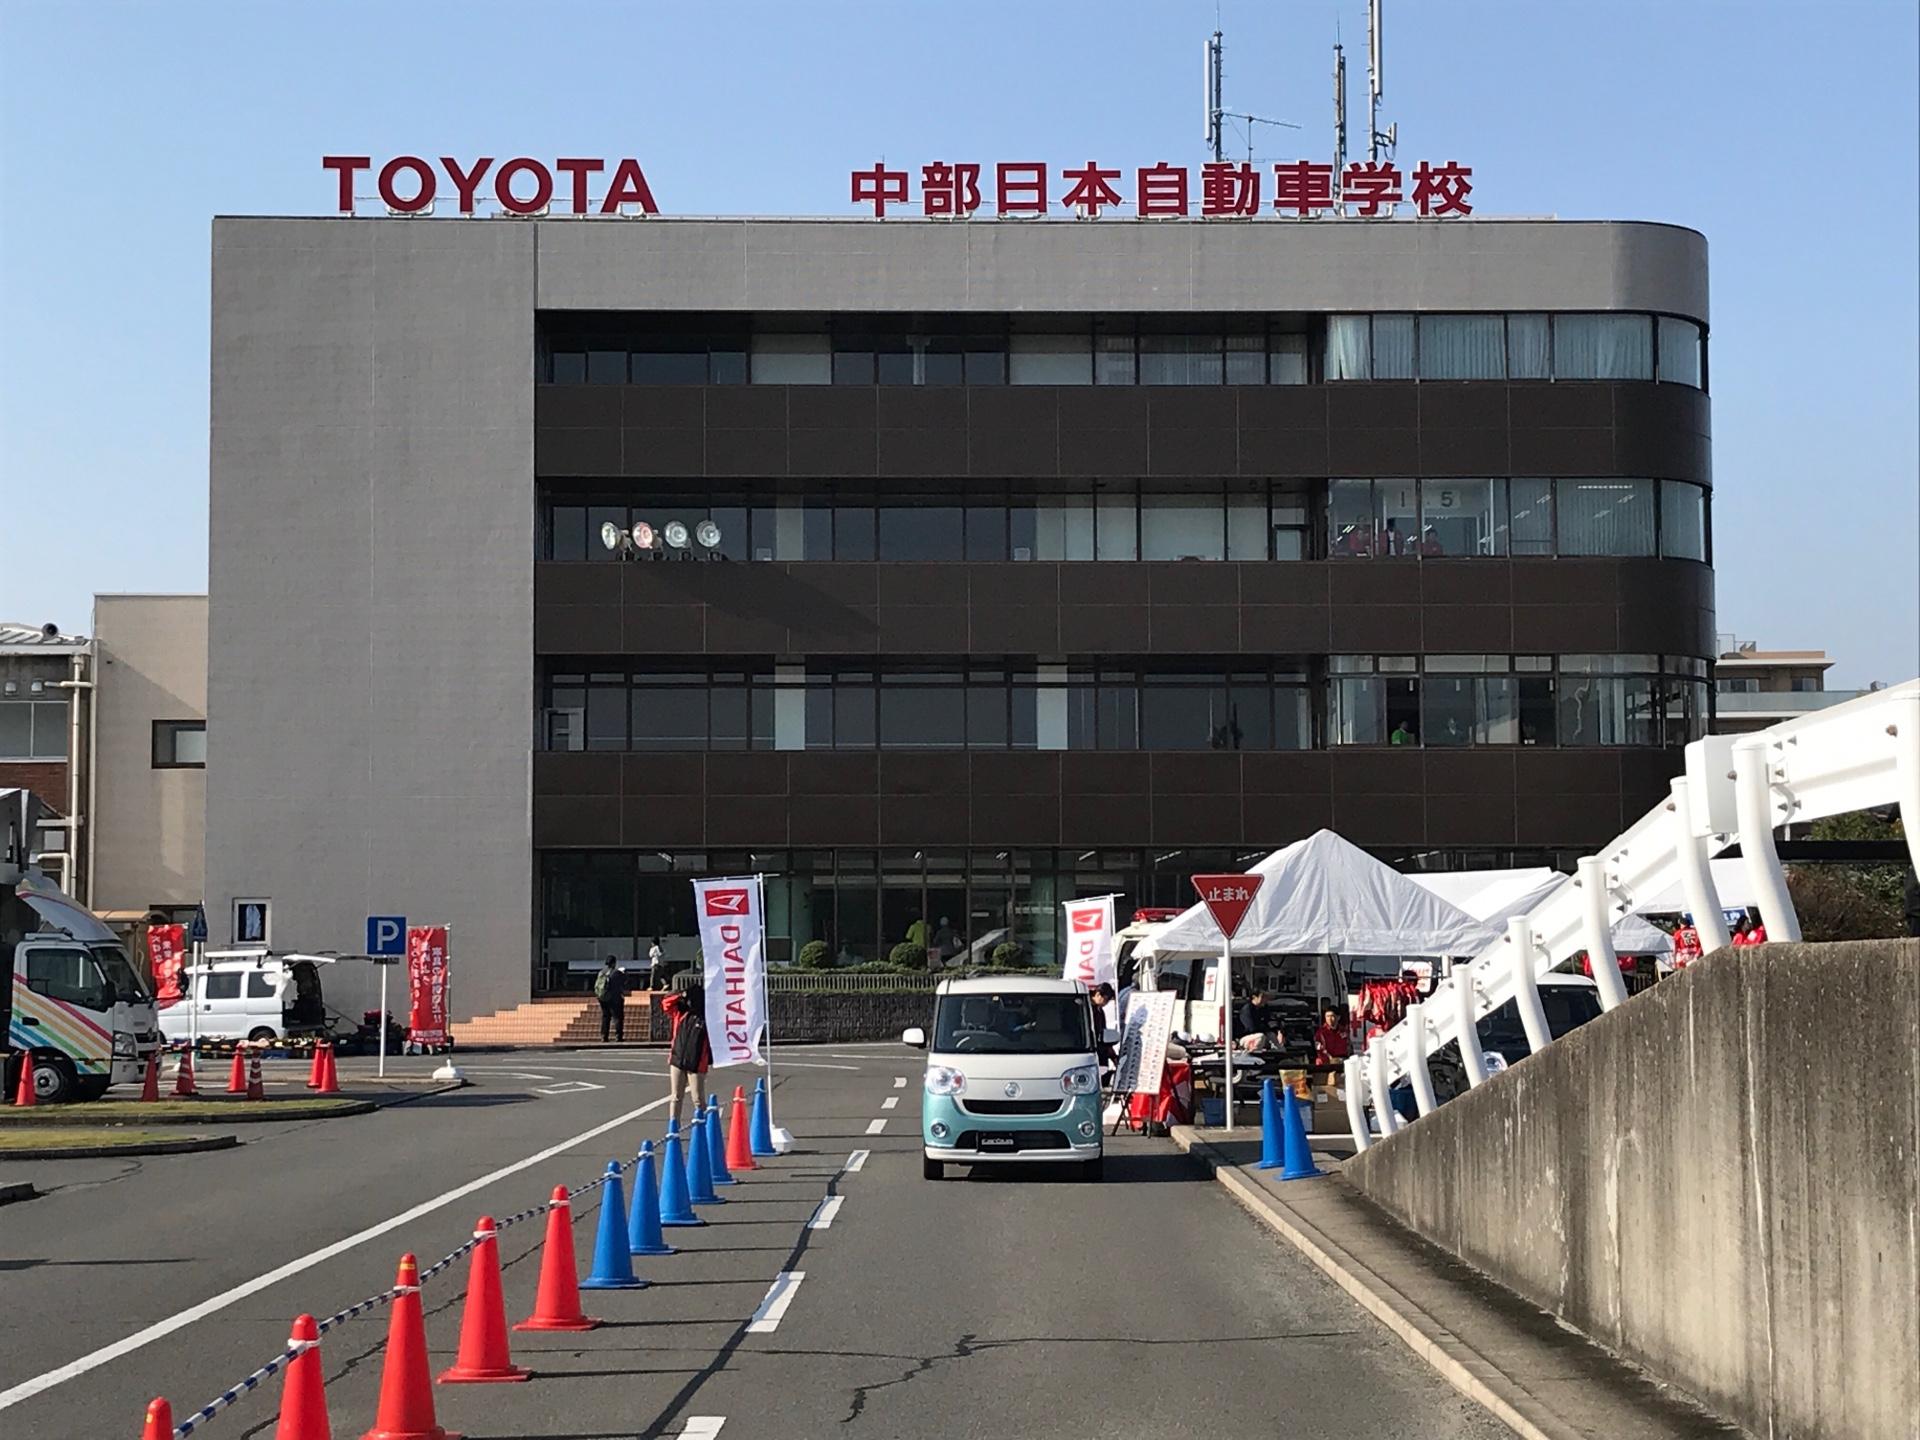 中部日本自動車学校『やごと感車祭』に参加しました!